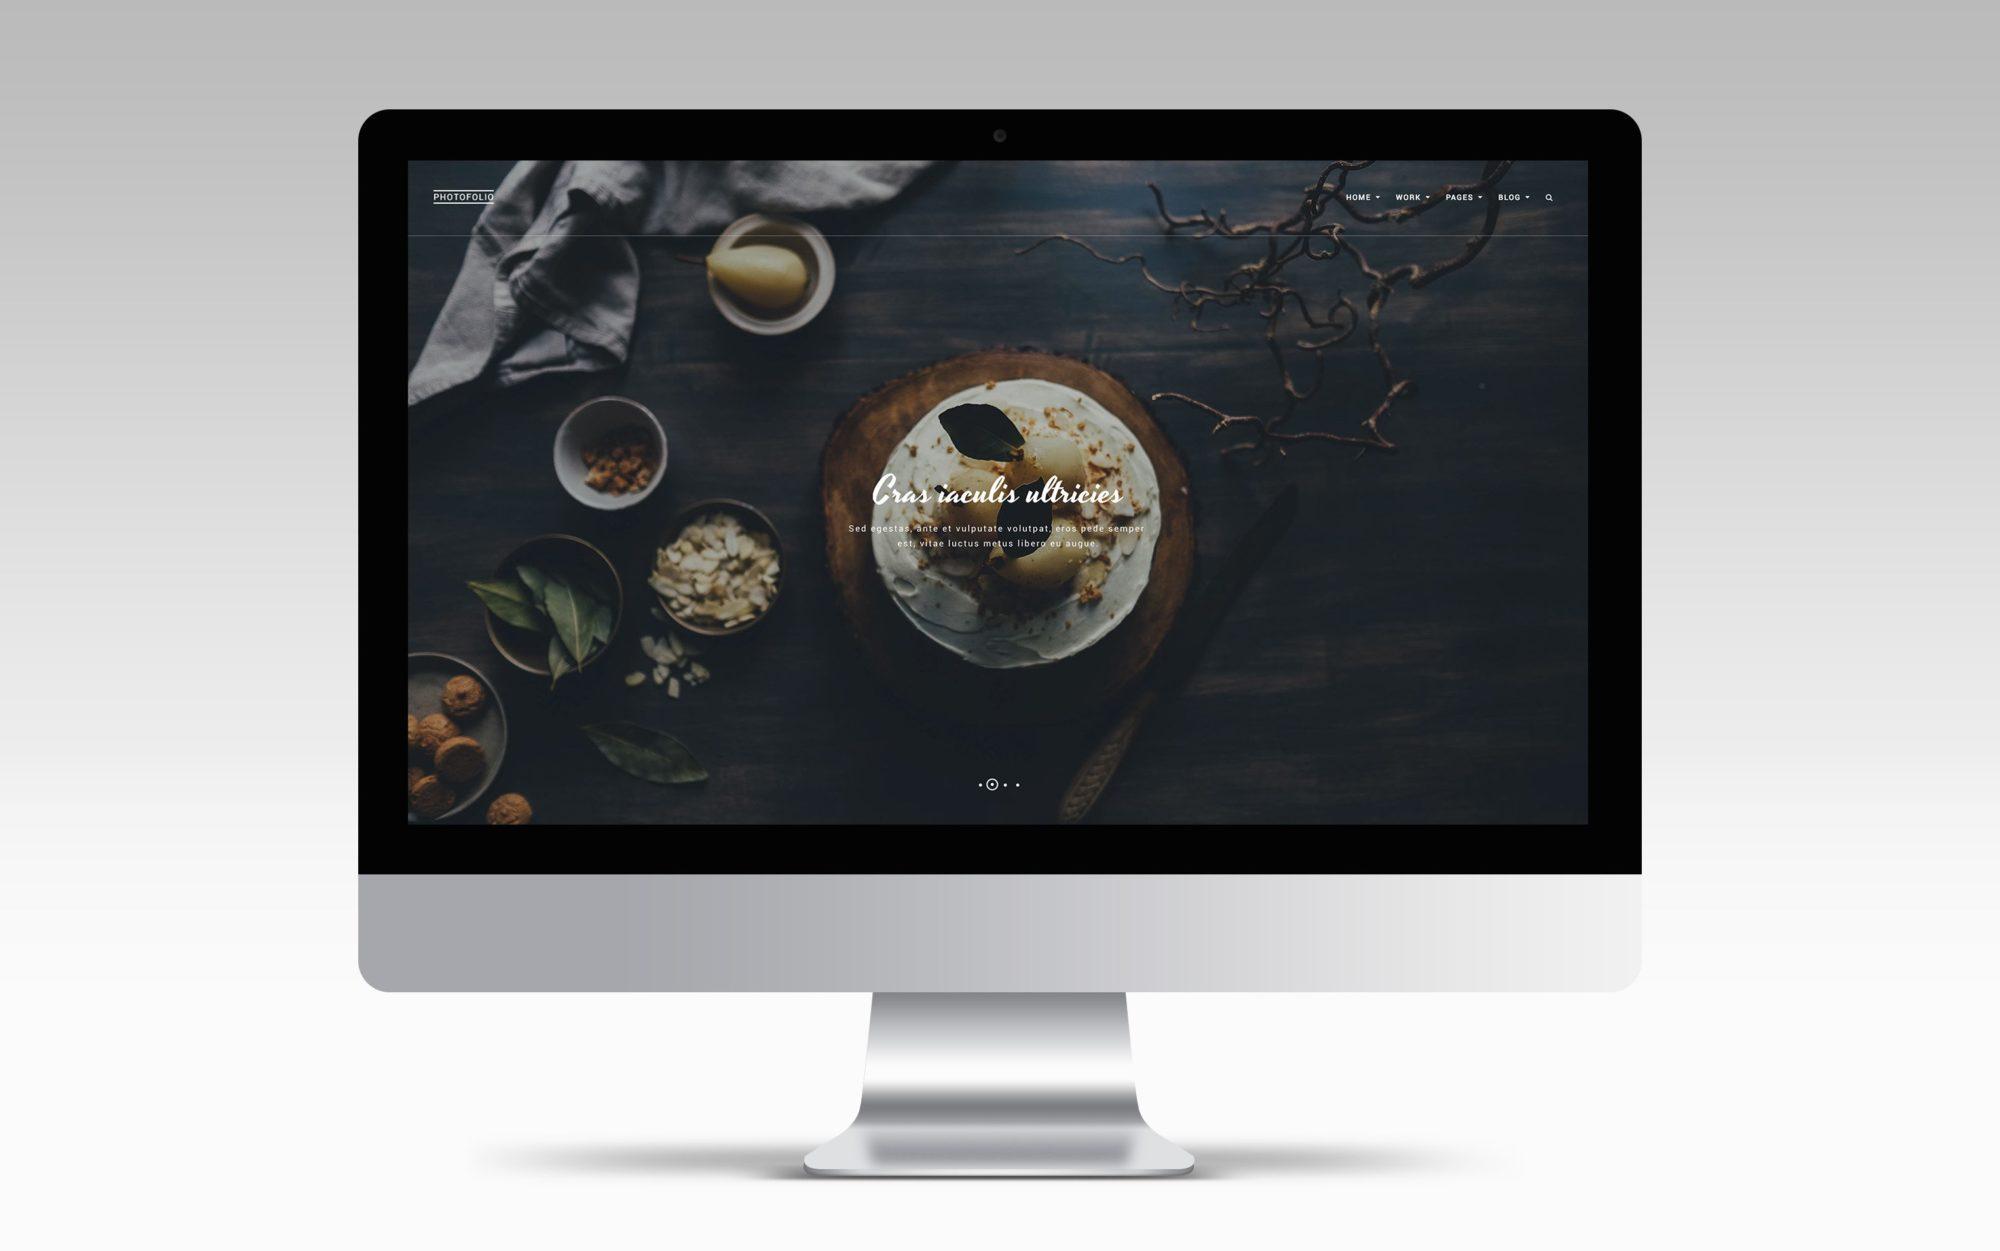 Meilleur Site Pour Photographe comment créer un site pour photographe avec wordpress ?